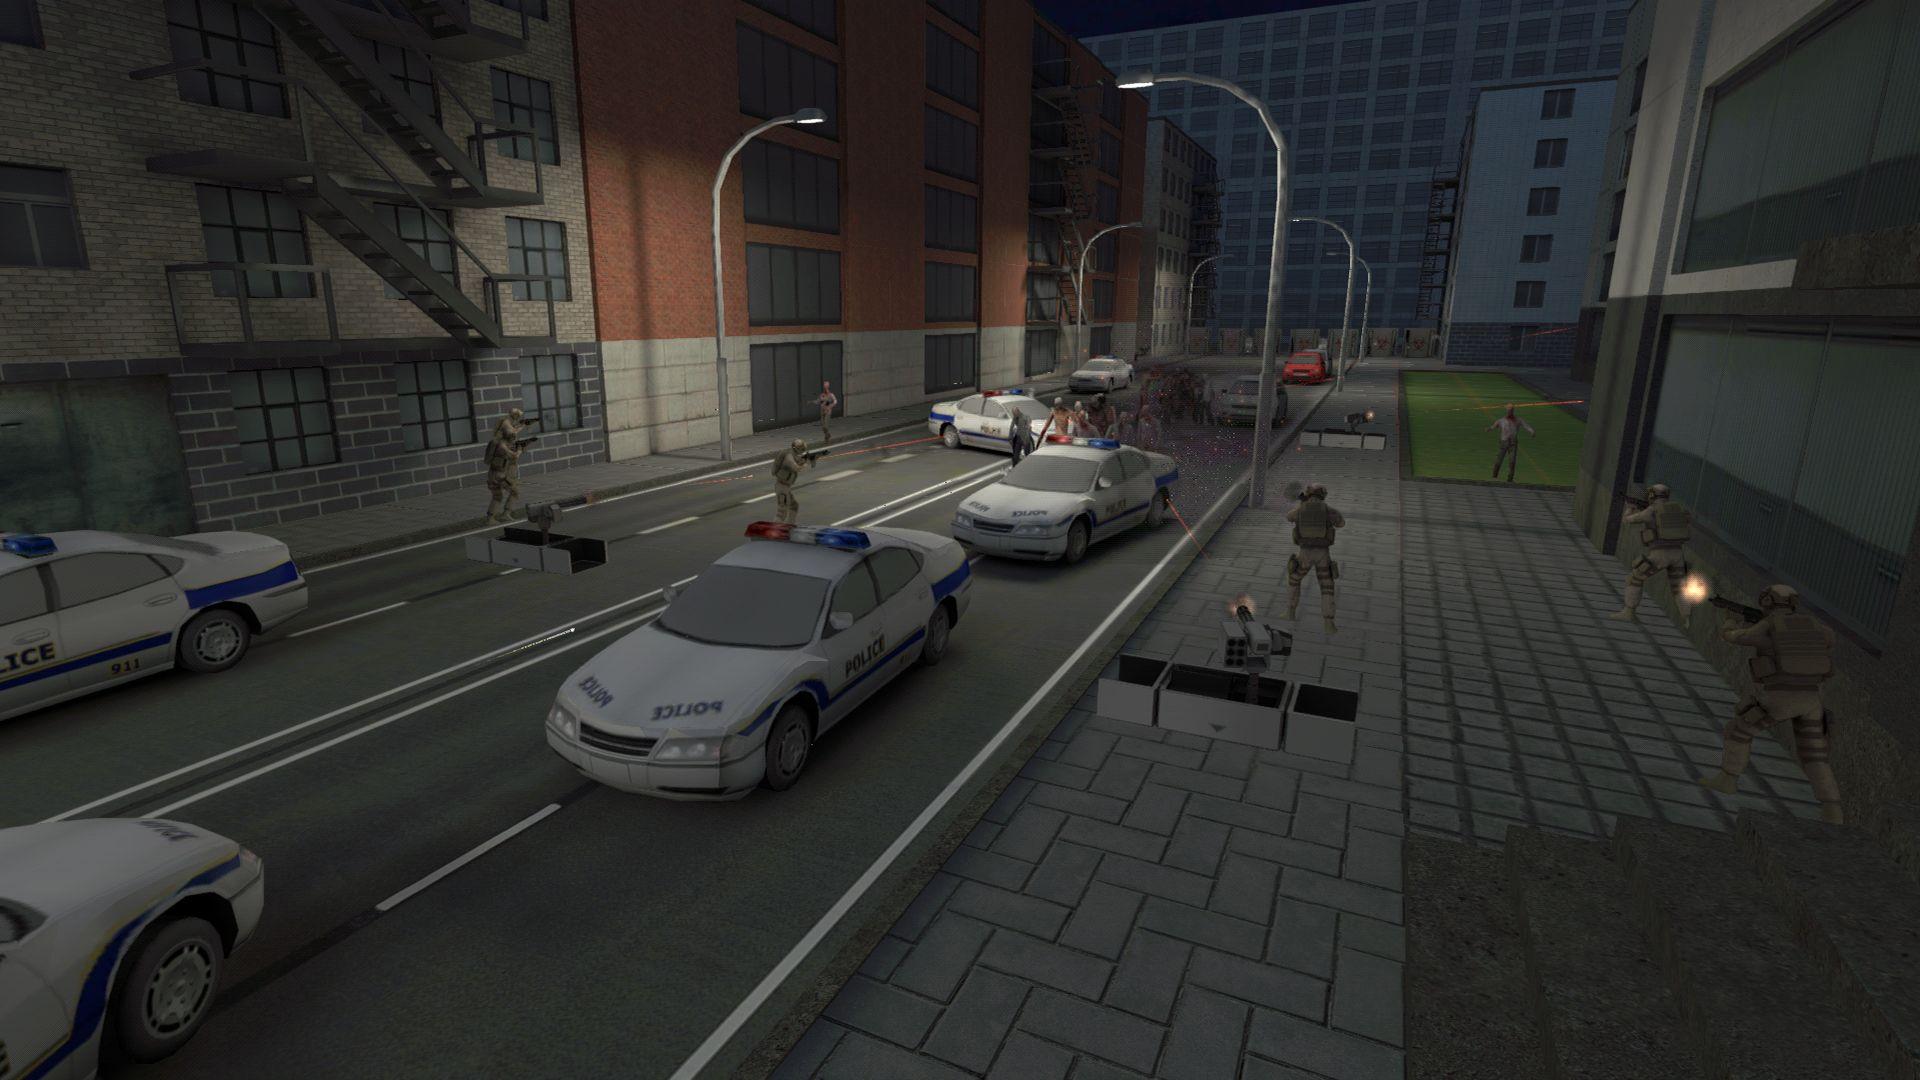 僵尸作战模拟 游戏截图1